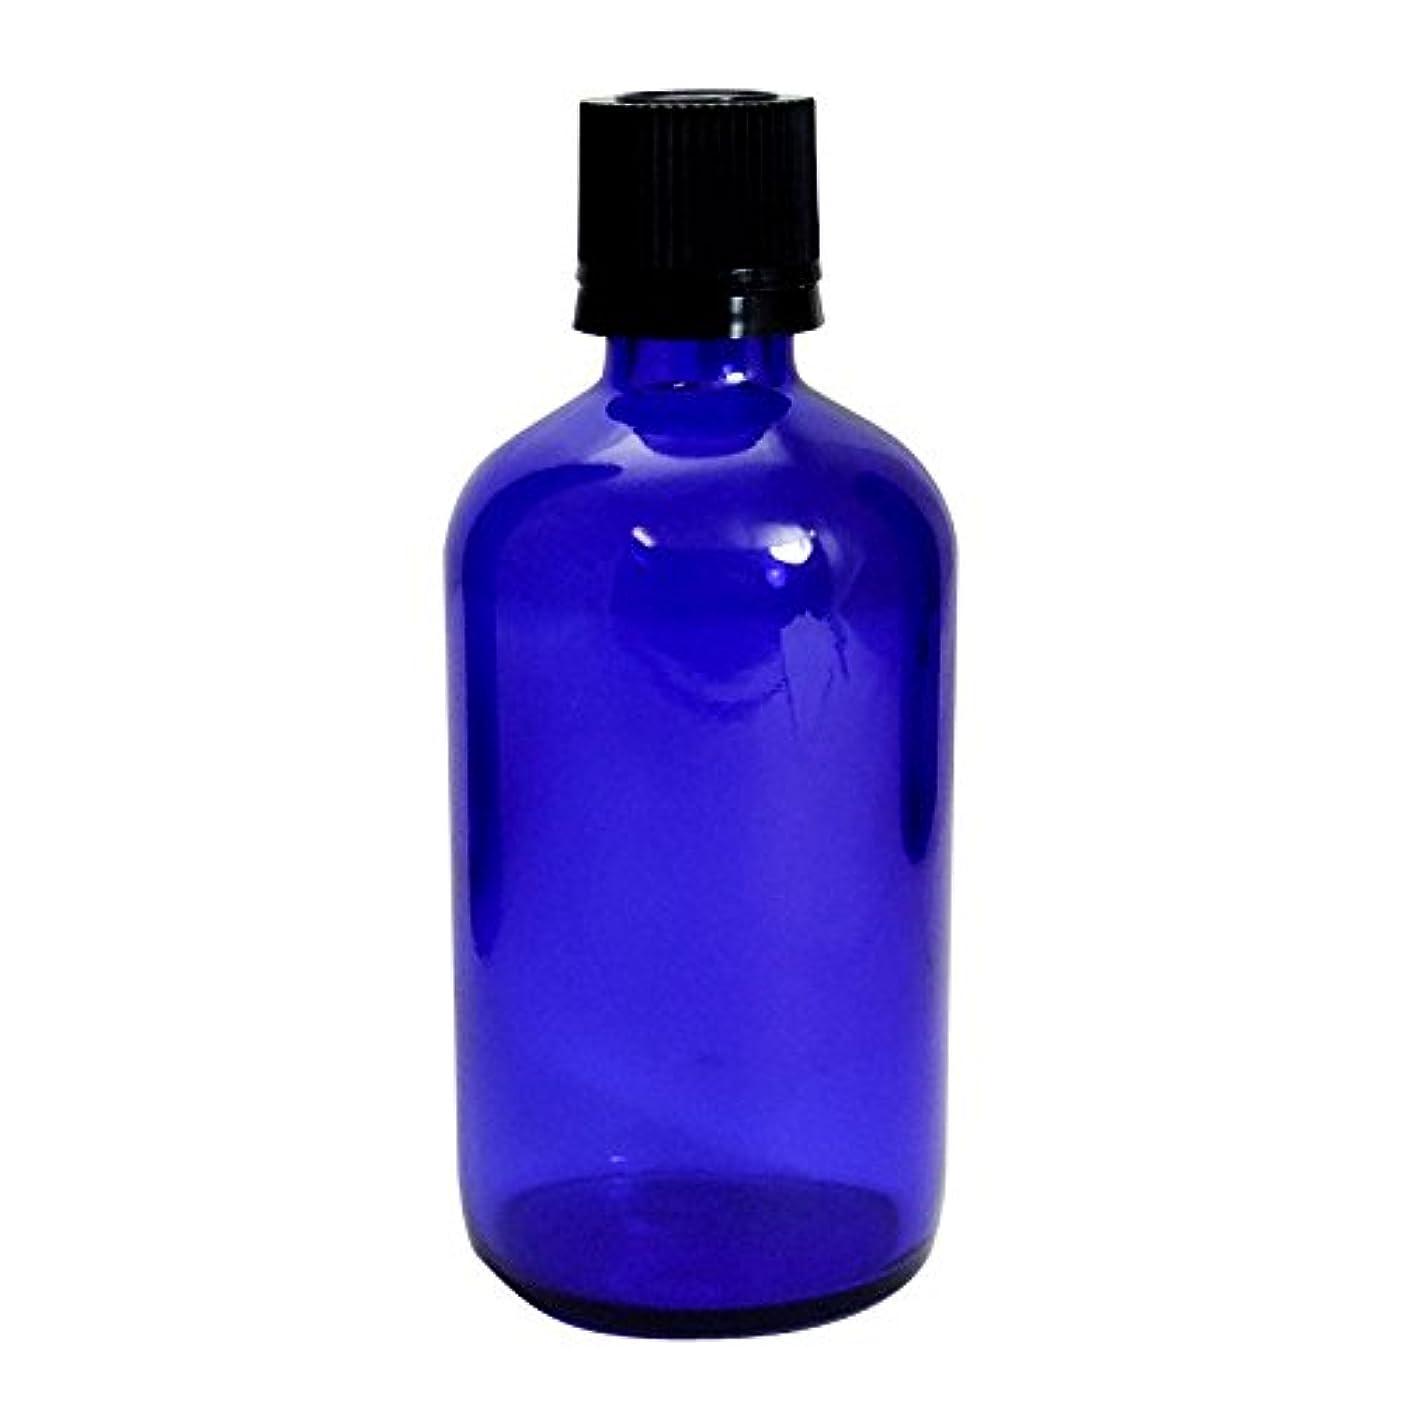 コンテンツ前進気絶させる遮光瓶100mlブルーTBG-100 ブルー